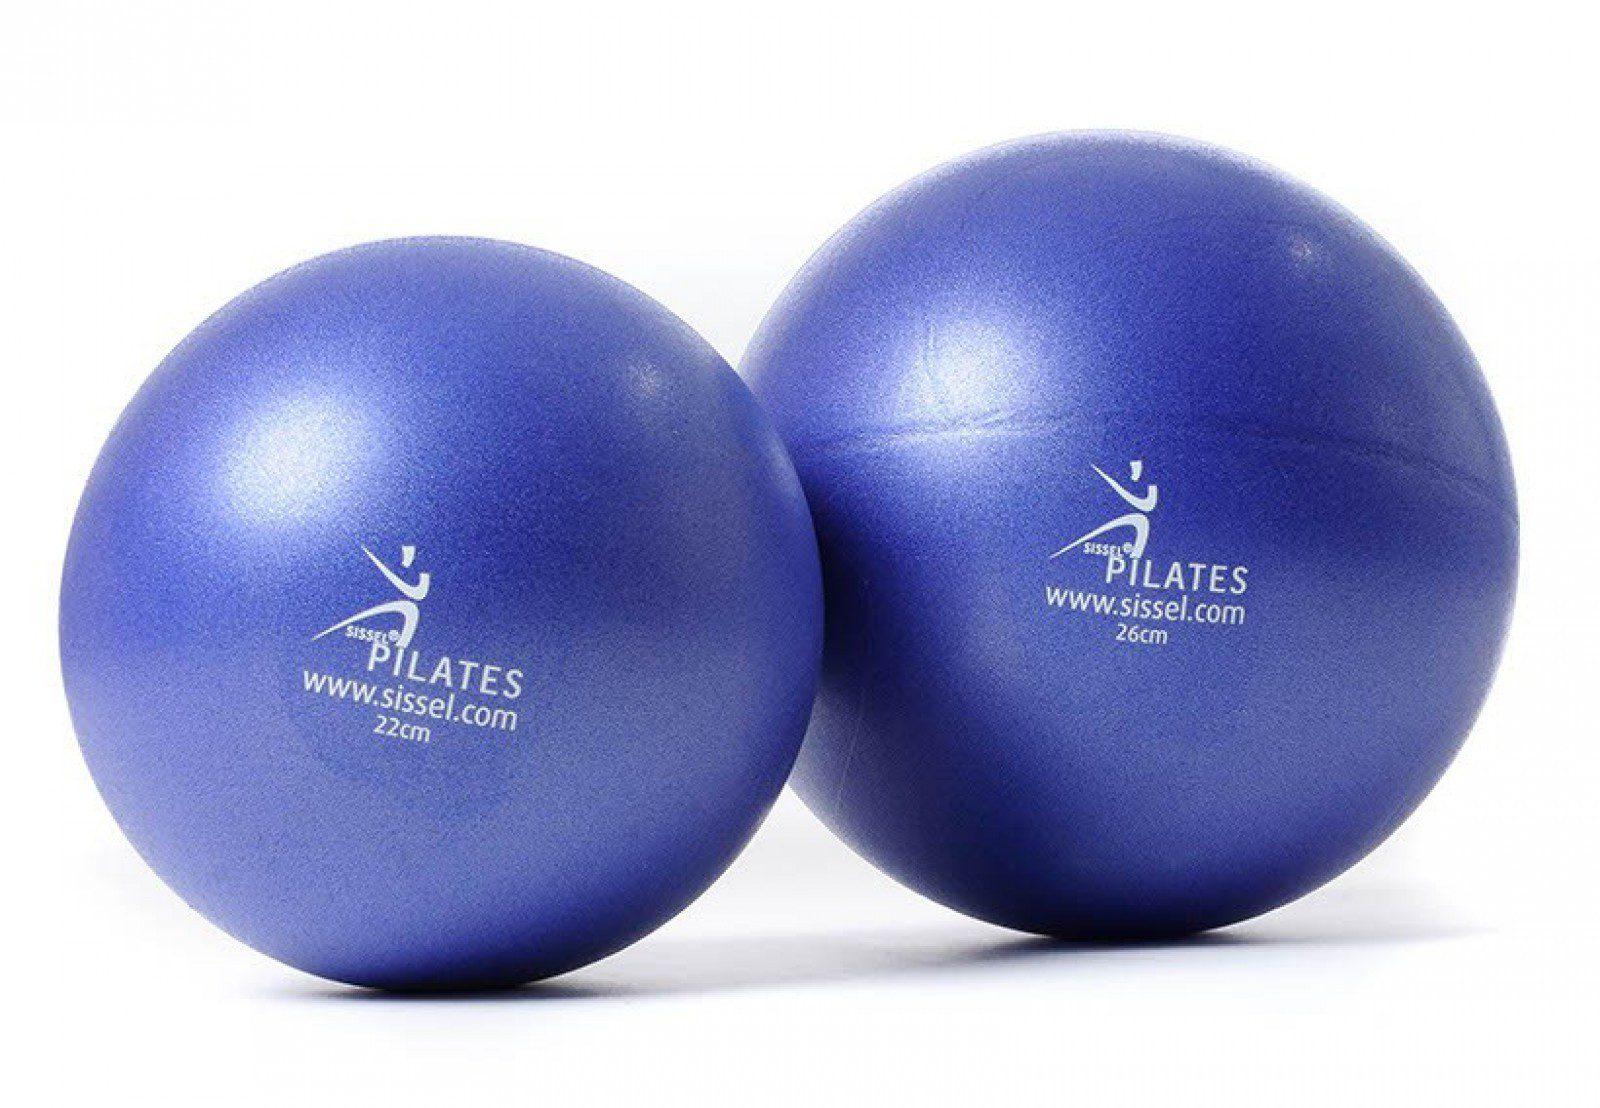 sissel pilates ball for core strengthing